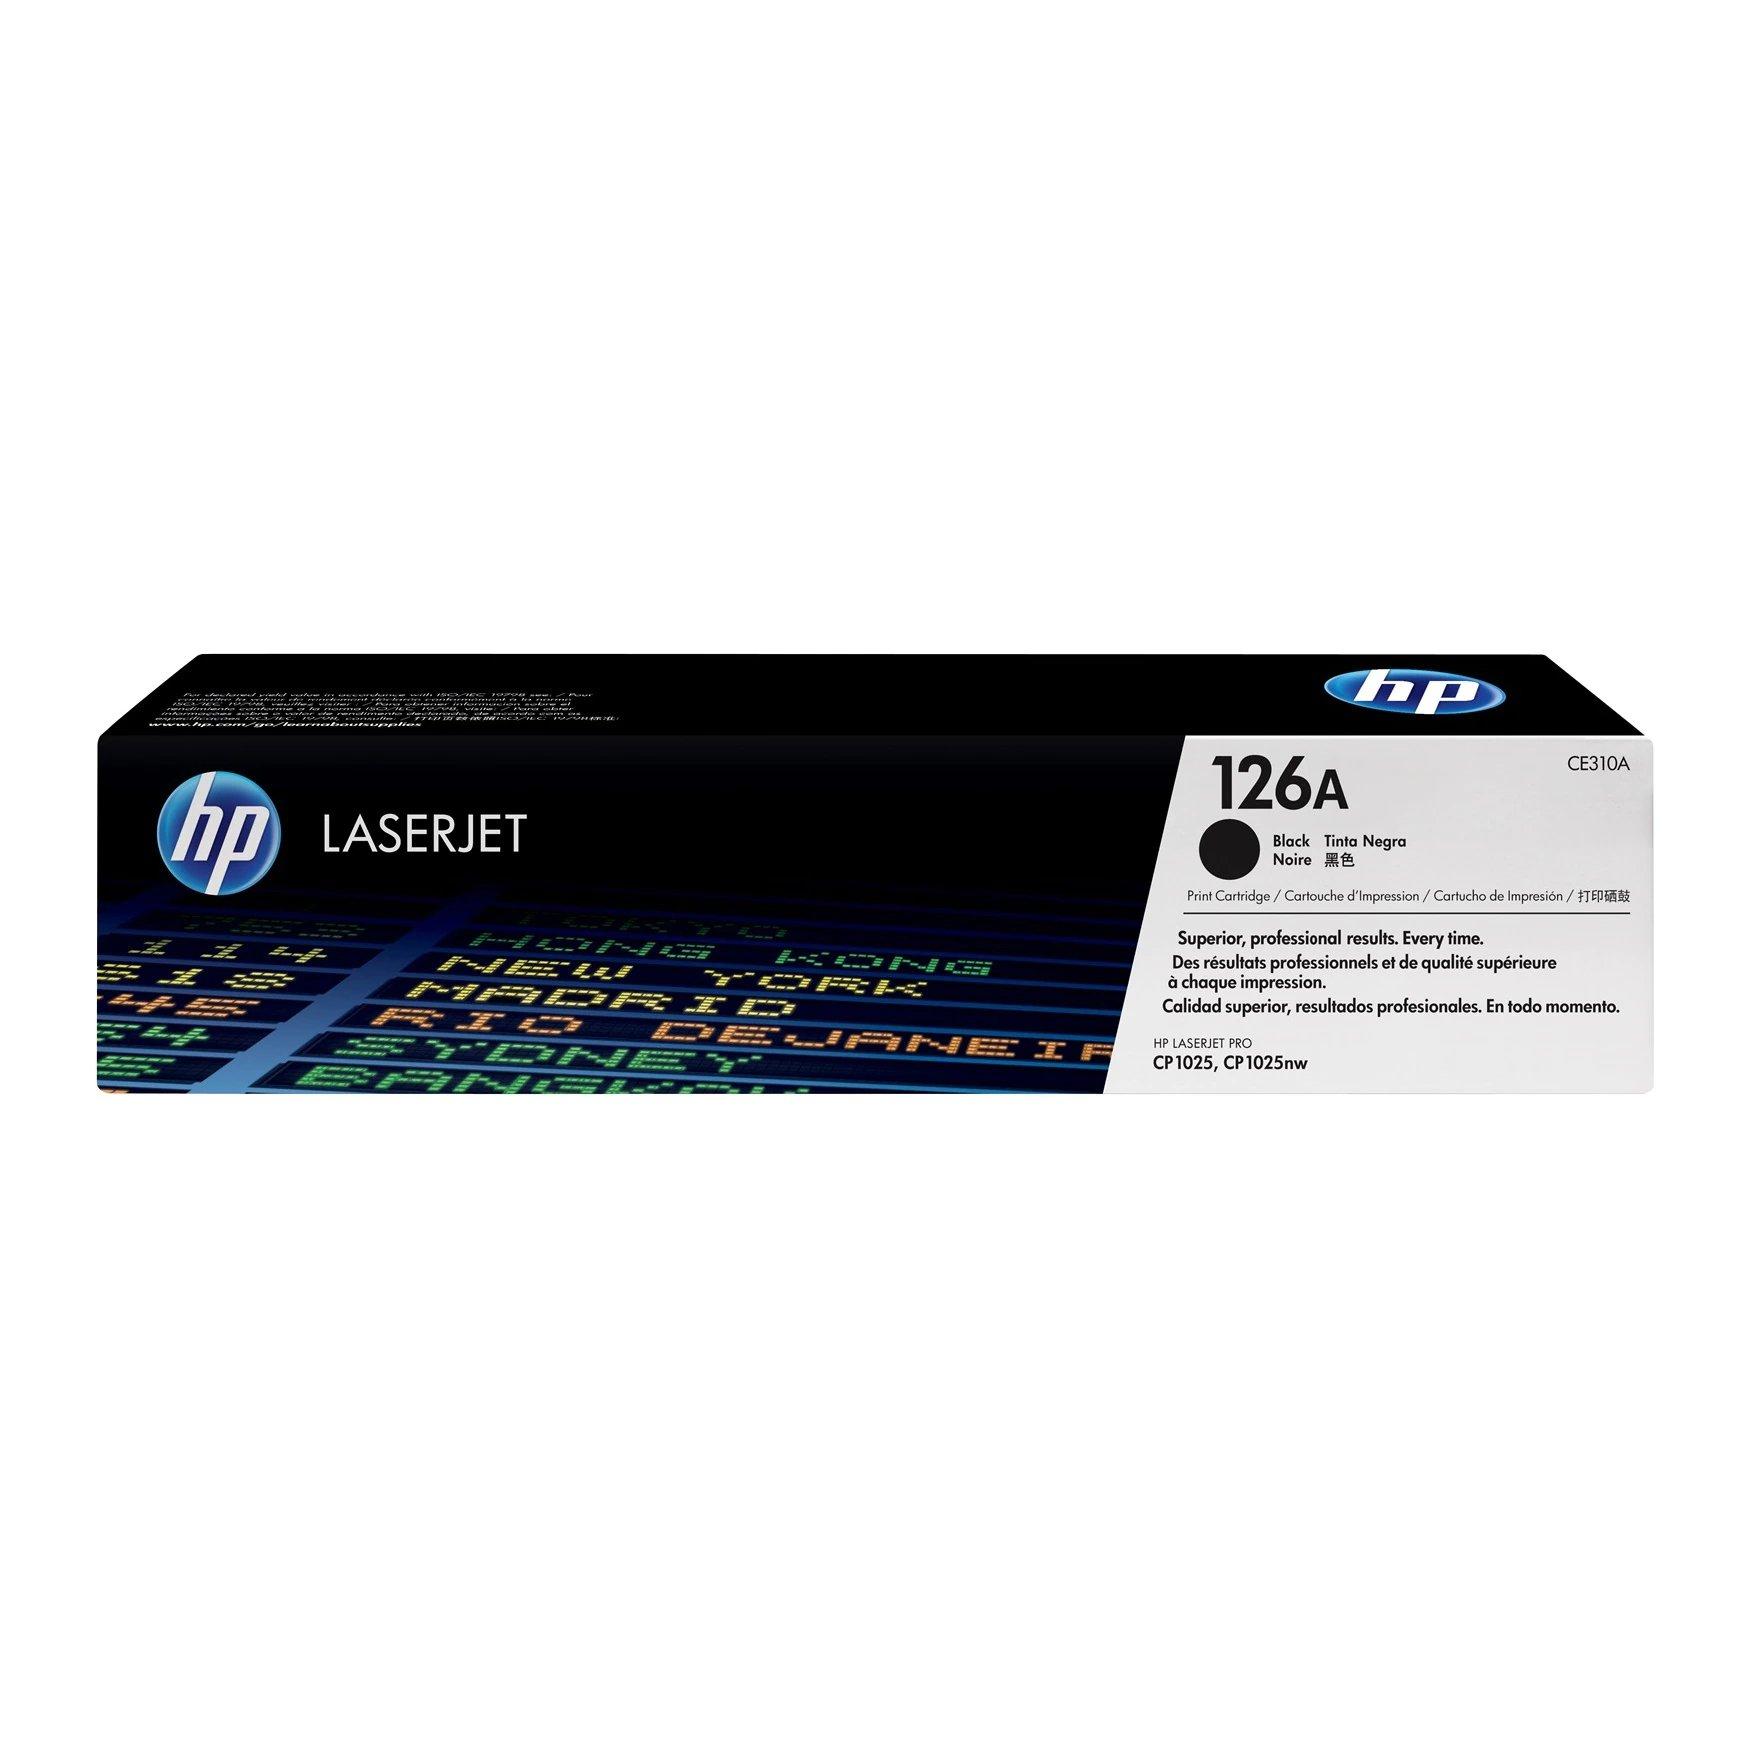 HP No.126A Toner Cartridge No.126A Black CE310A